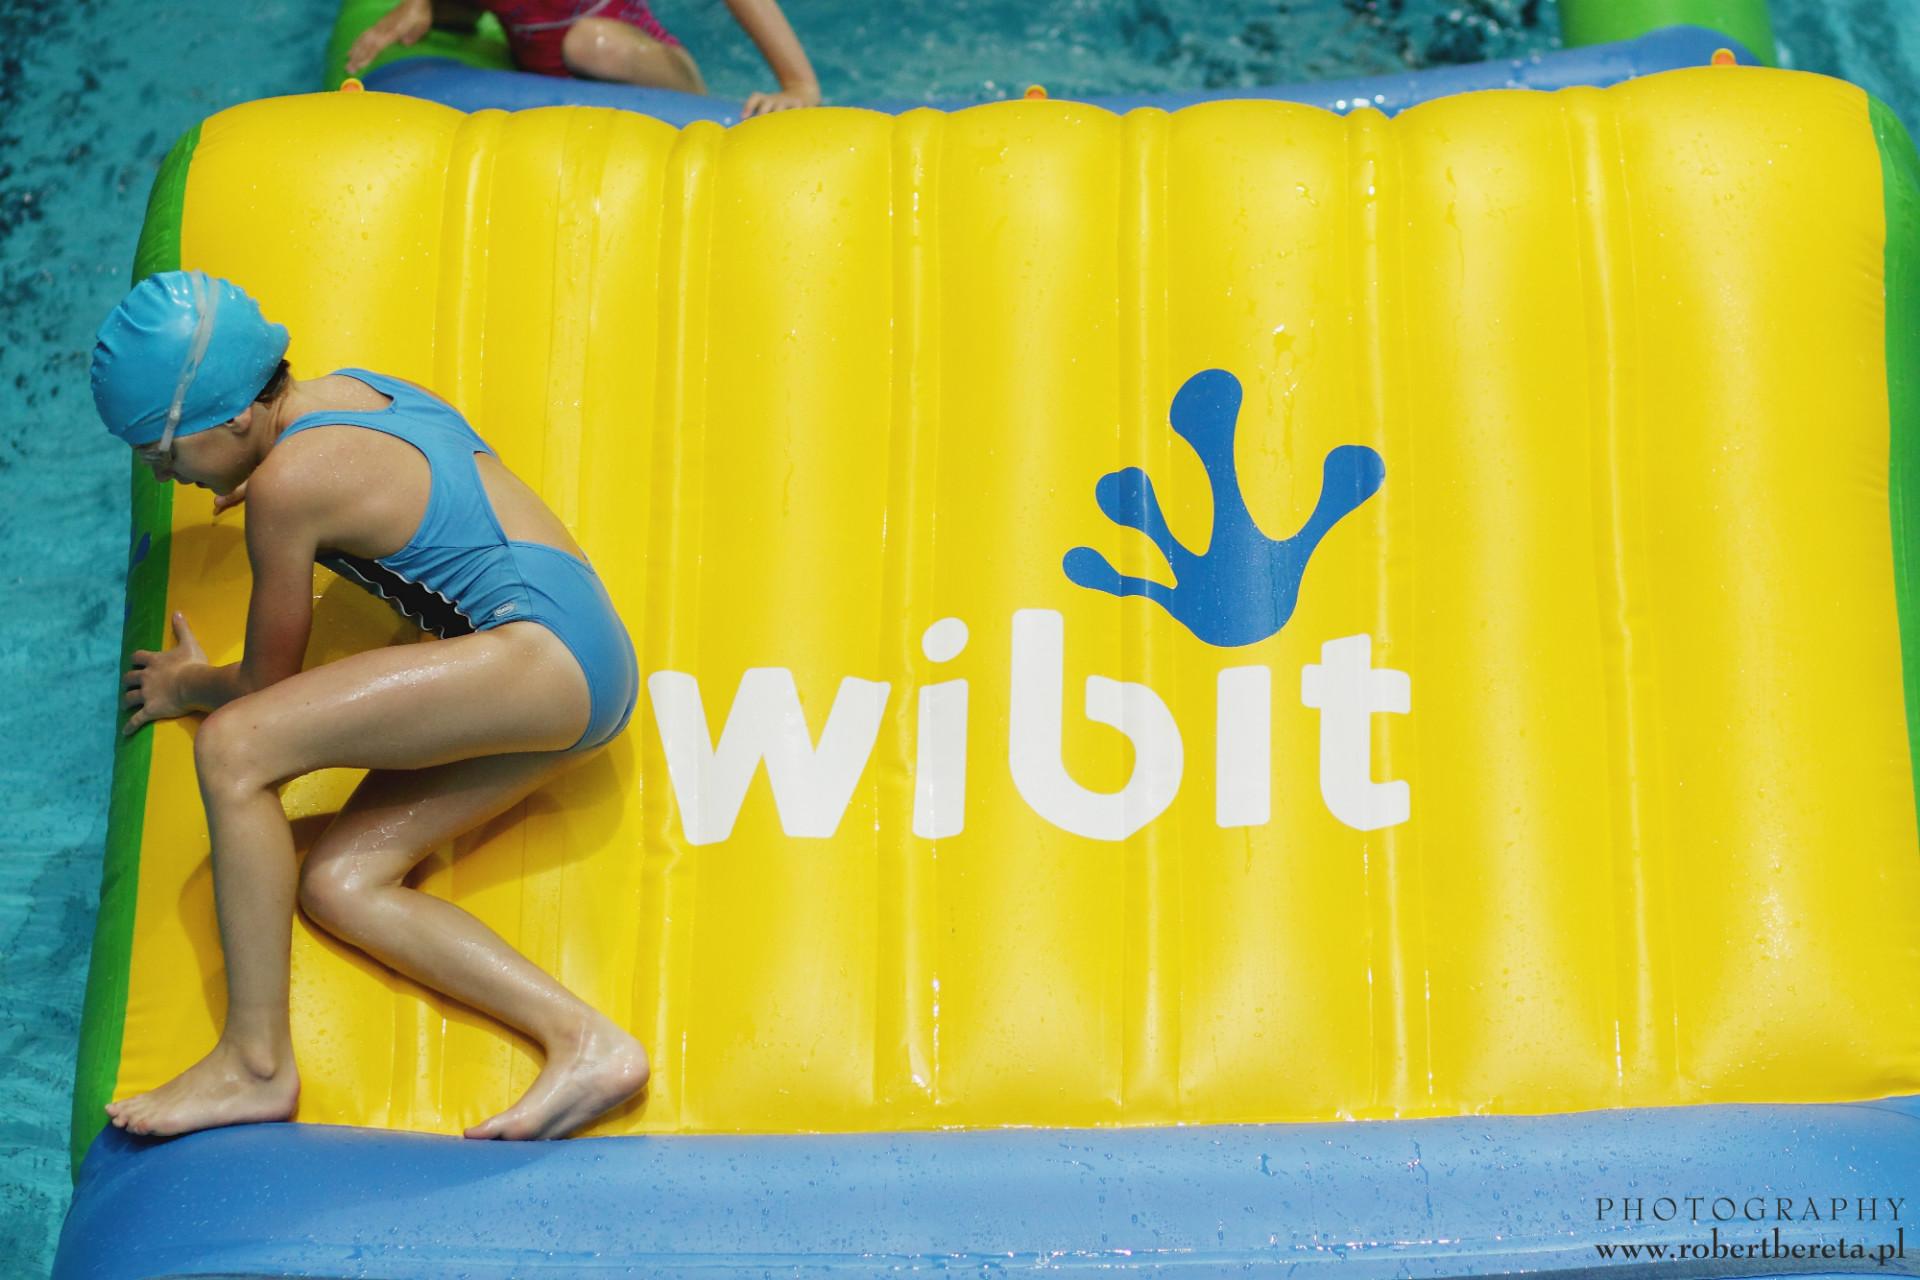 WIBIT AQUA TRACK na pływalni!